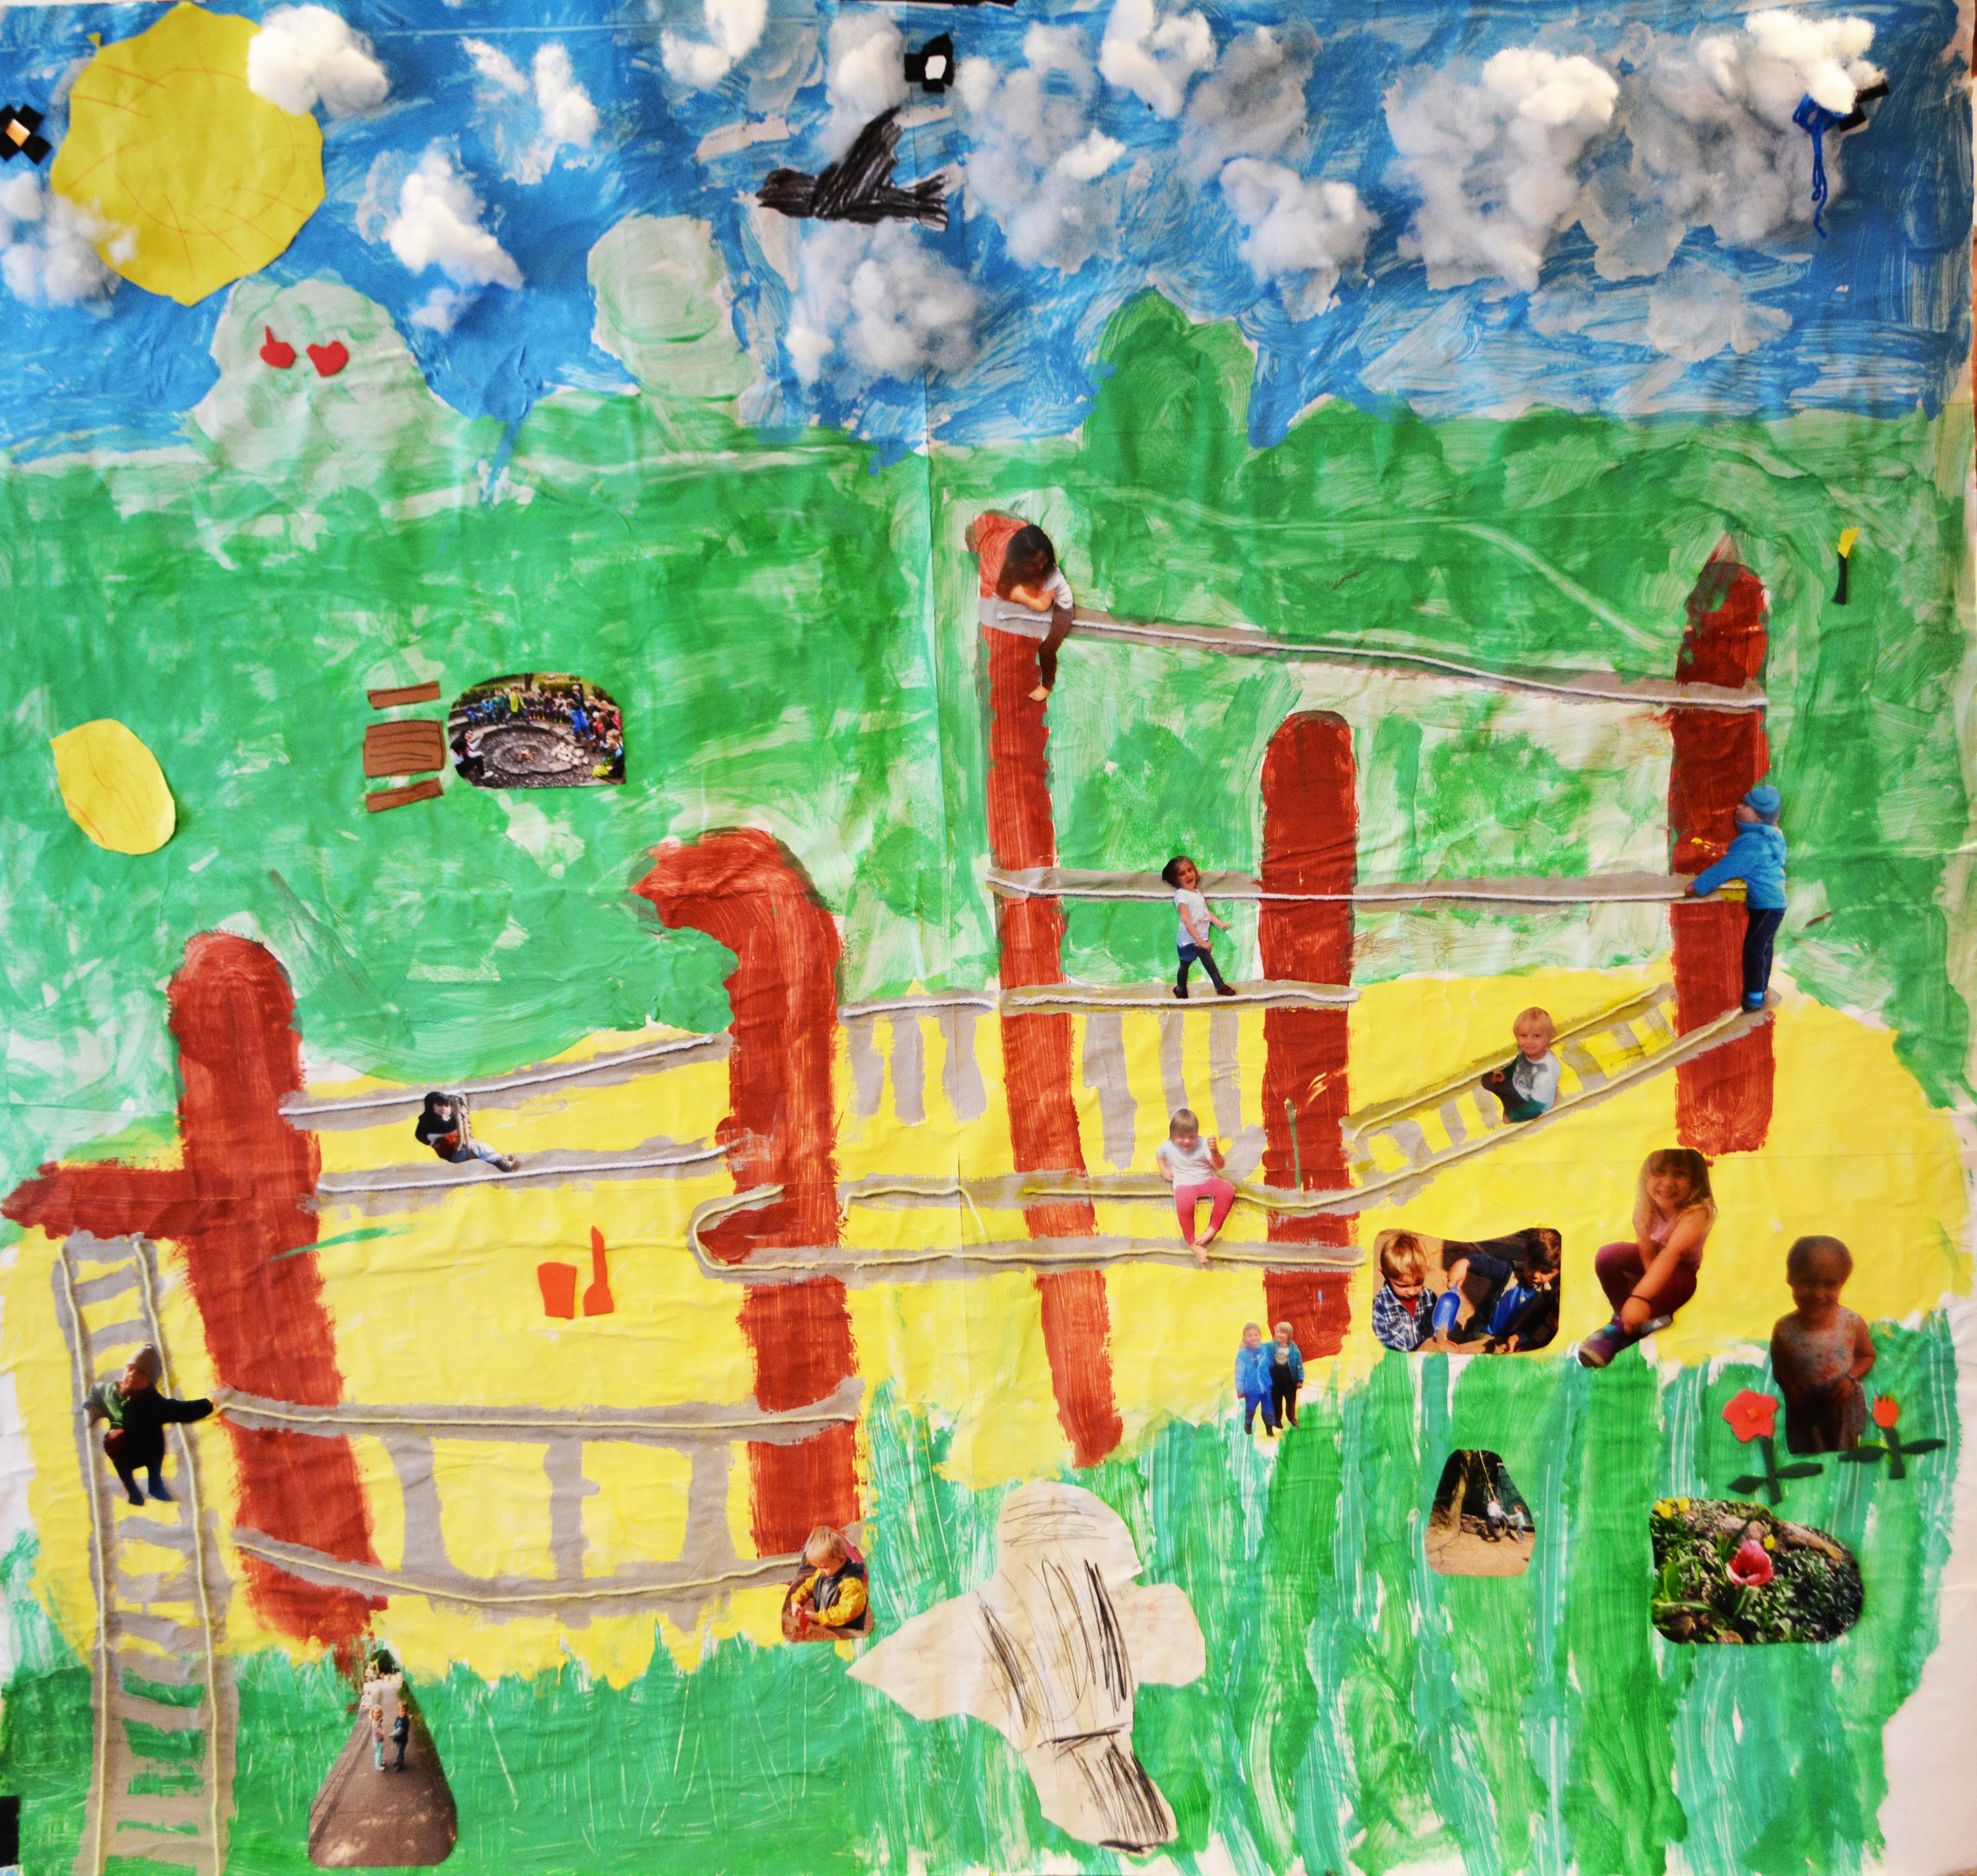 Bild der Kindergartenkinder